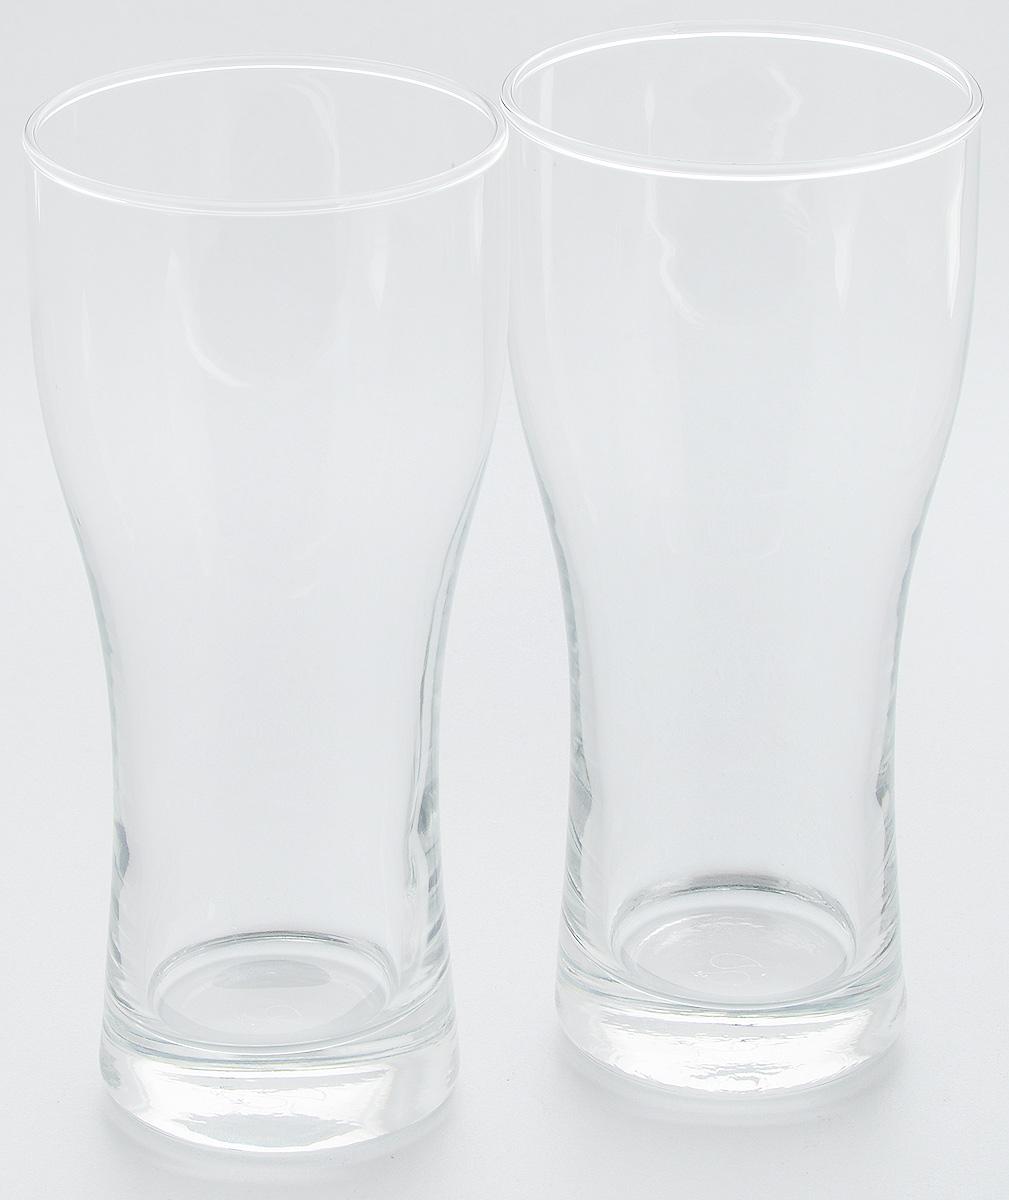 Набор бокалов для пива Pasabahce Pub, 500 мл, 2 шт42477BНабор Pasabahce Pub состоит из двух бокалов, выполненных из прочного натрий-кальций-силикатного стекла. Бокалы, оснащенные утолщенным дном, предназначены для подачи пива. Такой набор прекрасно подойдет для любителей пенного напитка.Высота бокала: 19 см.